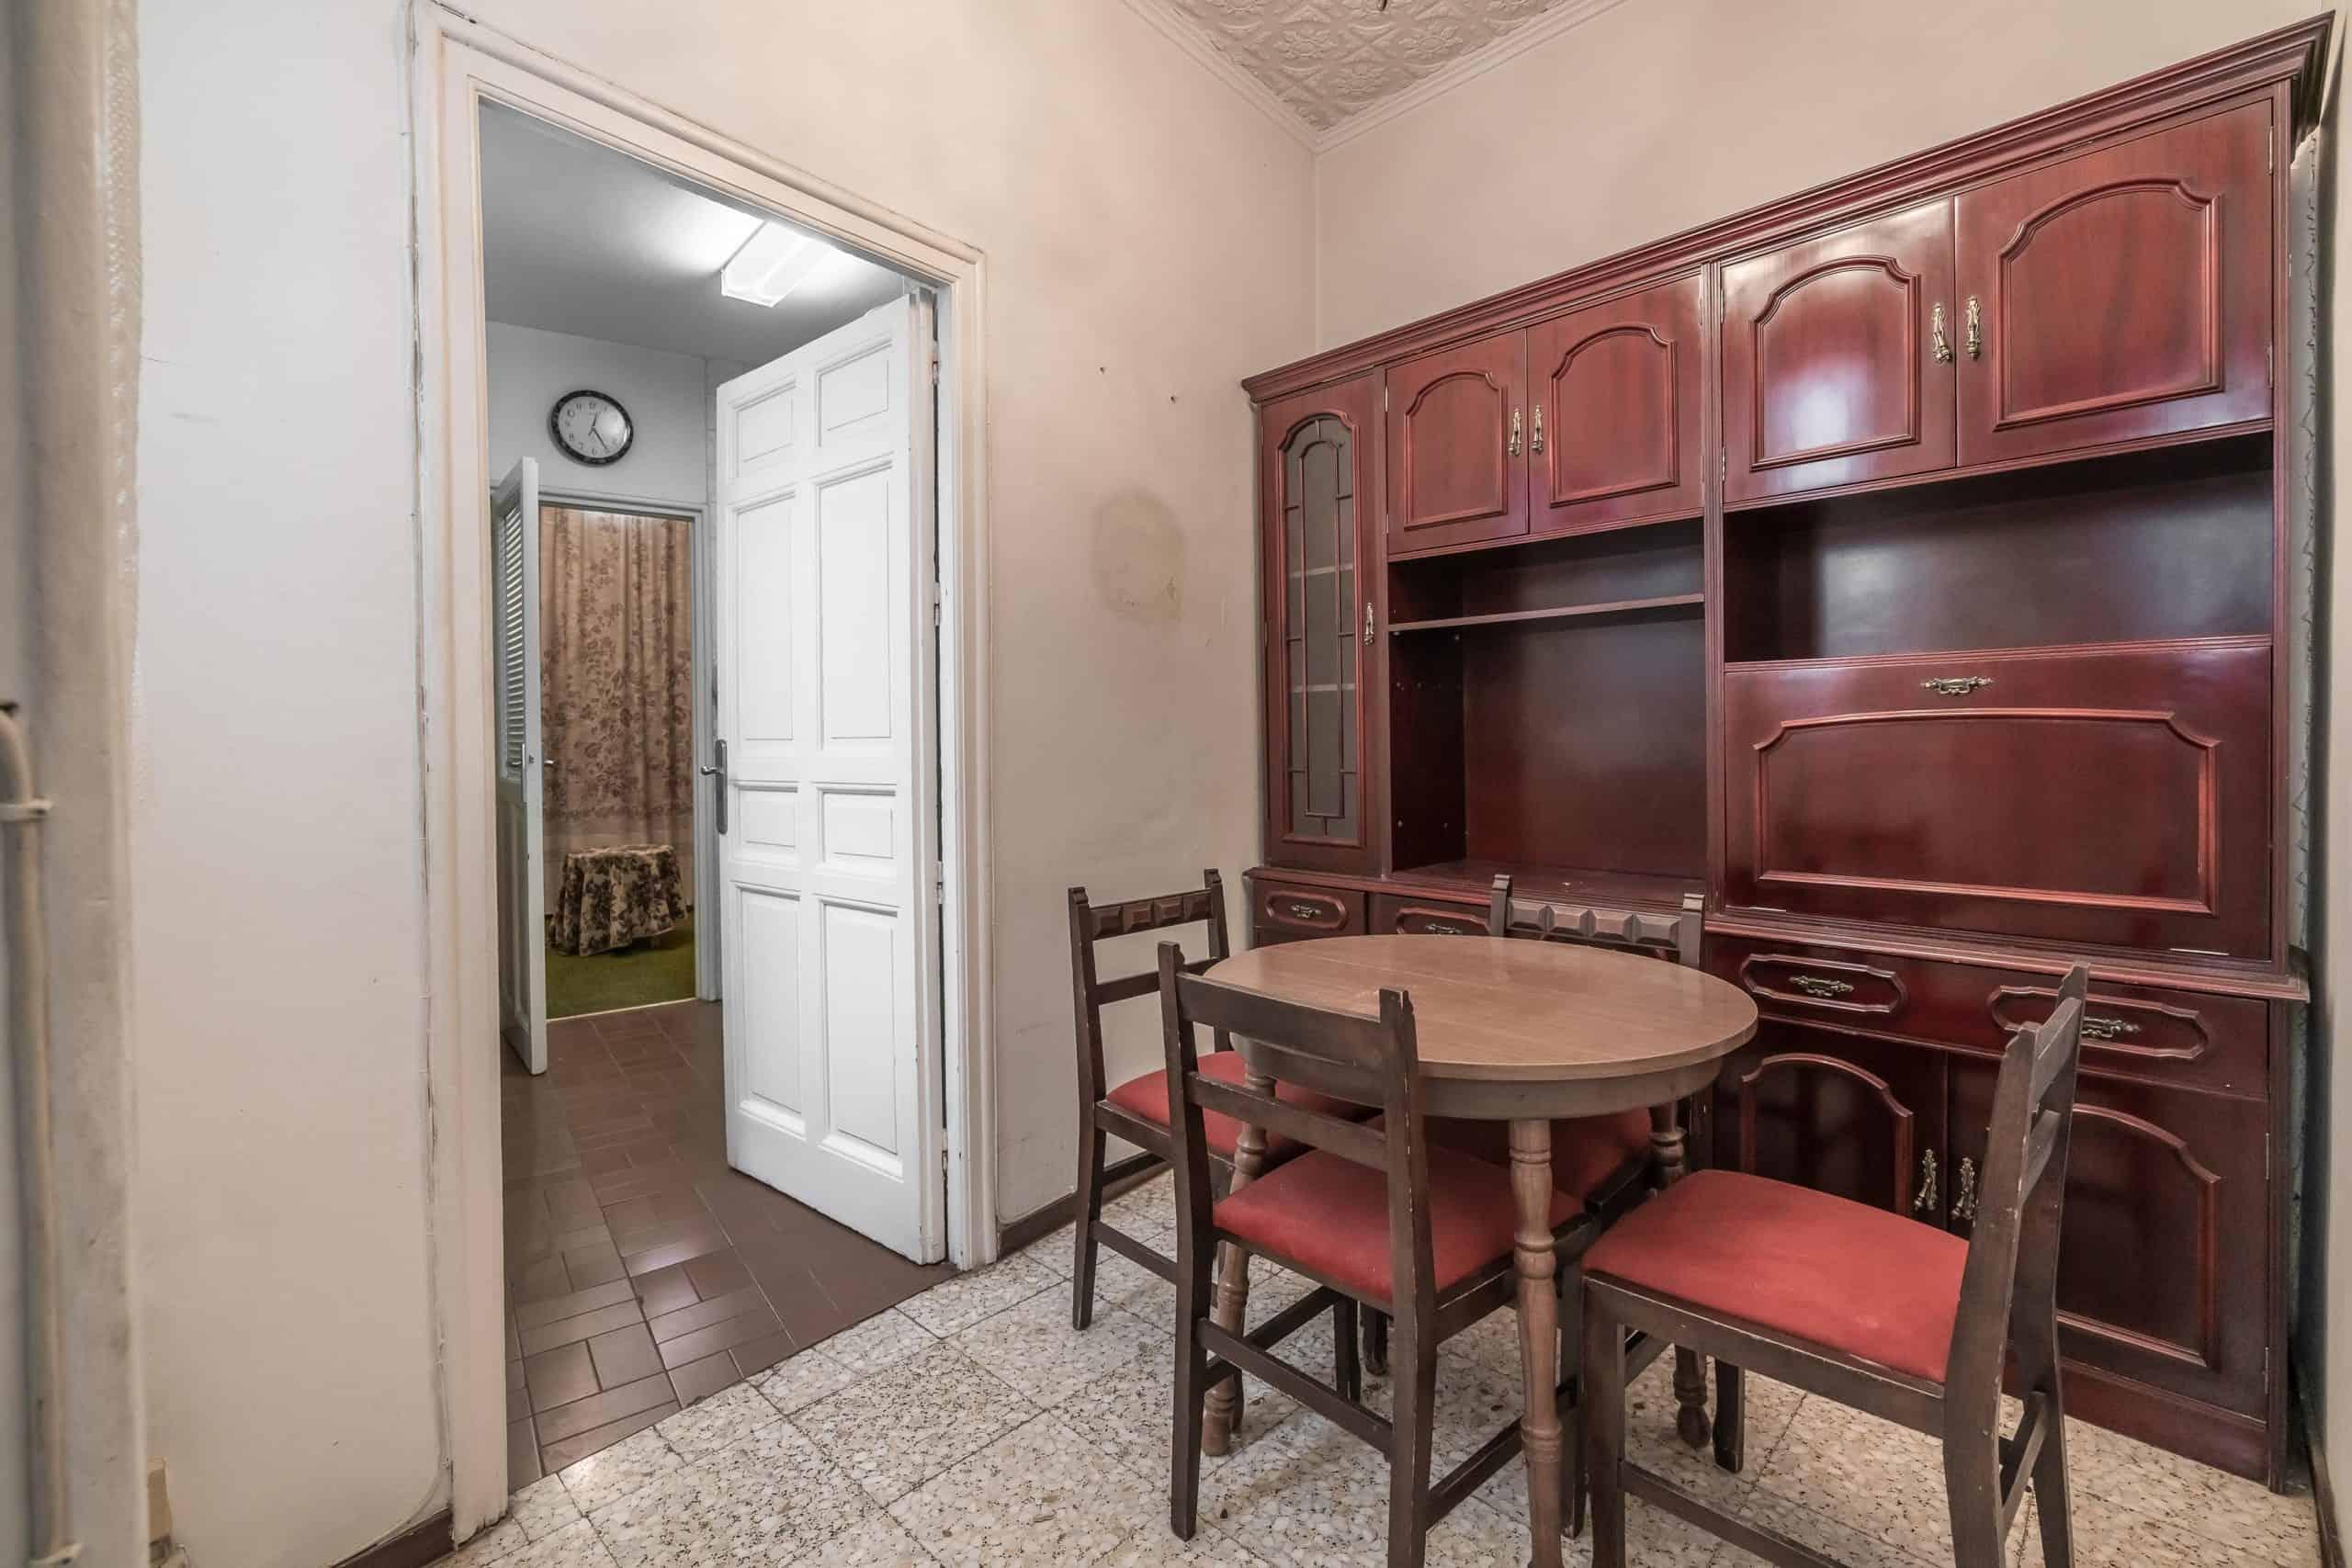 Agencia Inmobiliaria de Madrid-FUTUROCASA-Zona ARGANZUELA-EMBAJADORES-LEGAZPI -plaza General Vara del Rey- salon (4)